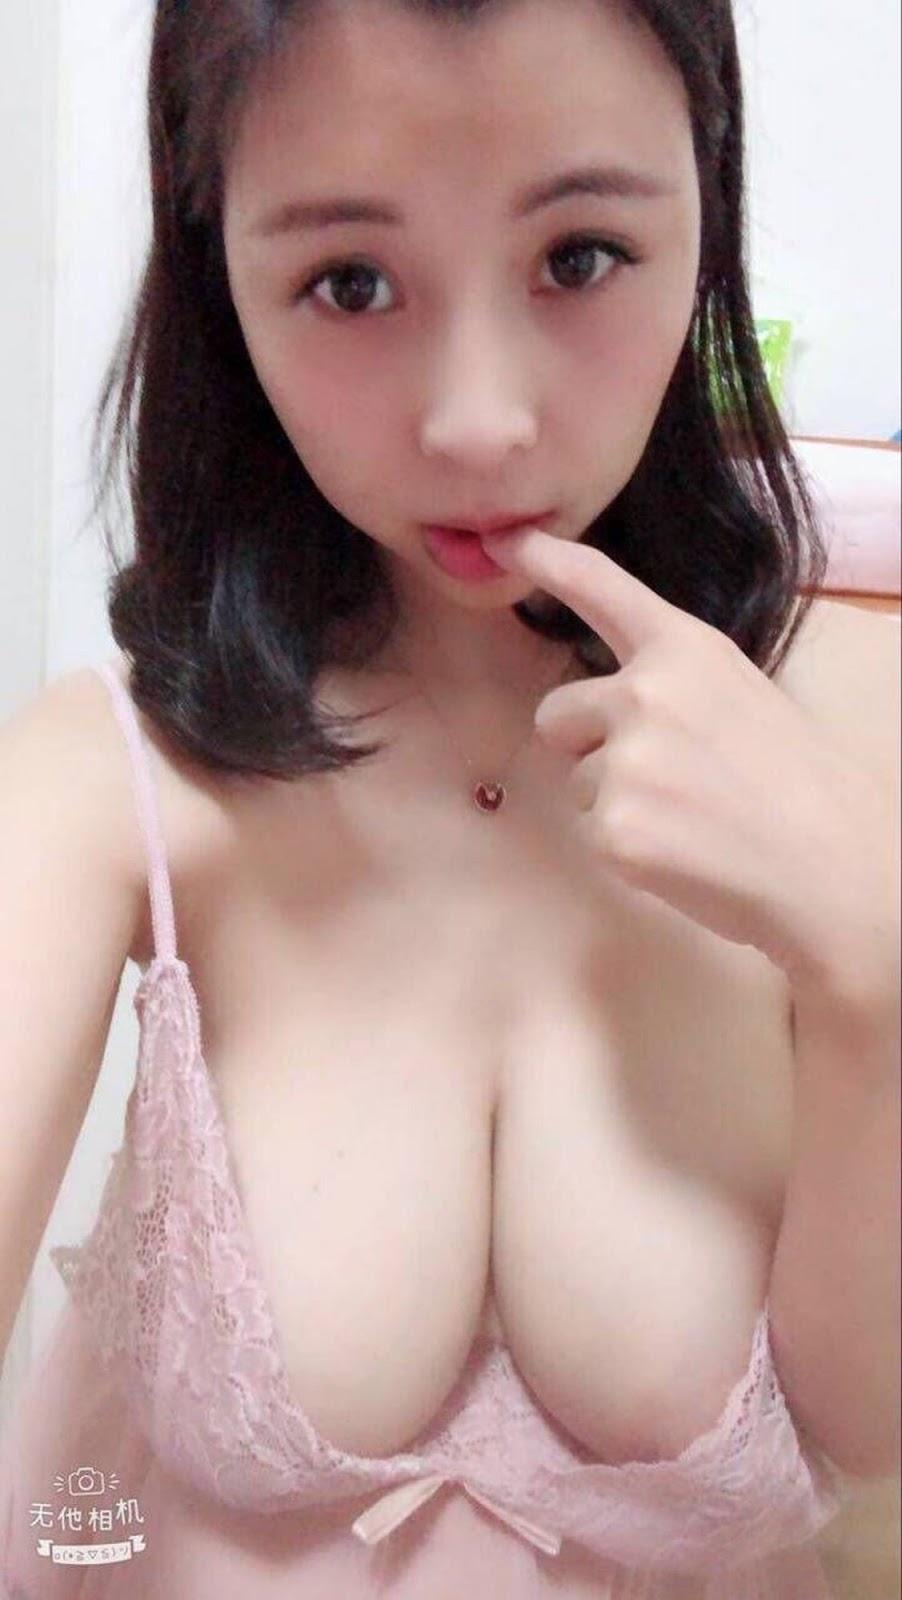 aHR0cHM6Ly93d3cubXlteXBpYy5uZXQvZGF0YS9hdHRhY2htZW50L2ZvcnVtLzIwMTkwOC8yMC8wODM0MTR6c3J3emF6ZXBzN3dlYnk5LmpwZy50aHVtYi5qcGc%253D - 成都瓶儿 - Chengdu Pinger big tits selfie nude 2020